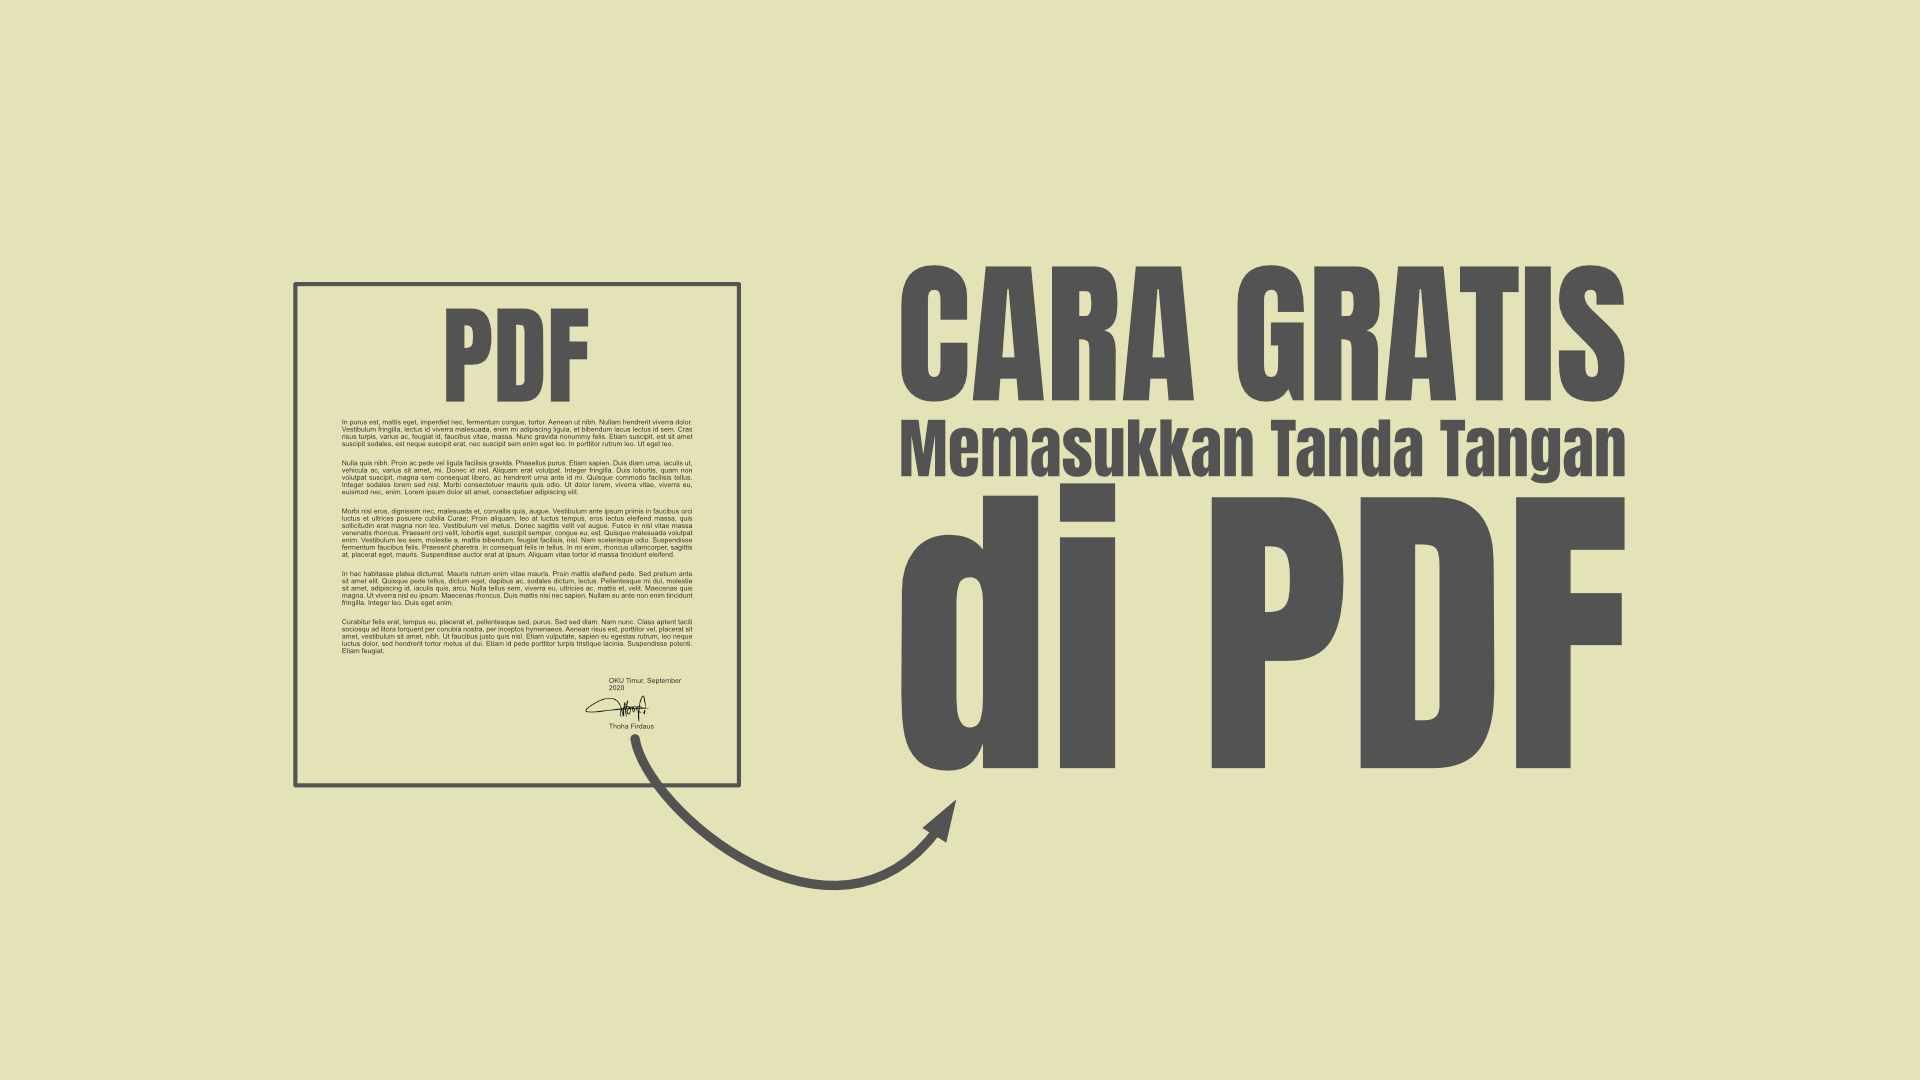 Memasukkan Tanda Tangan di PDF - Cara GRATIS |